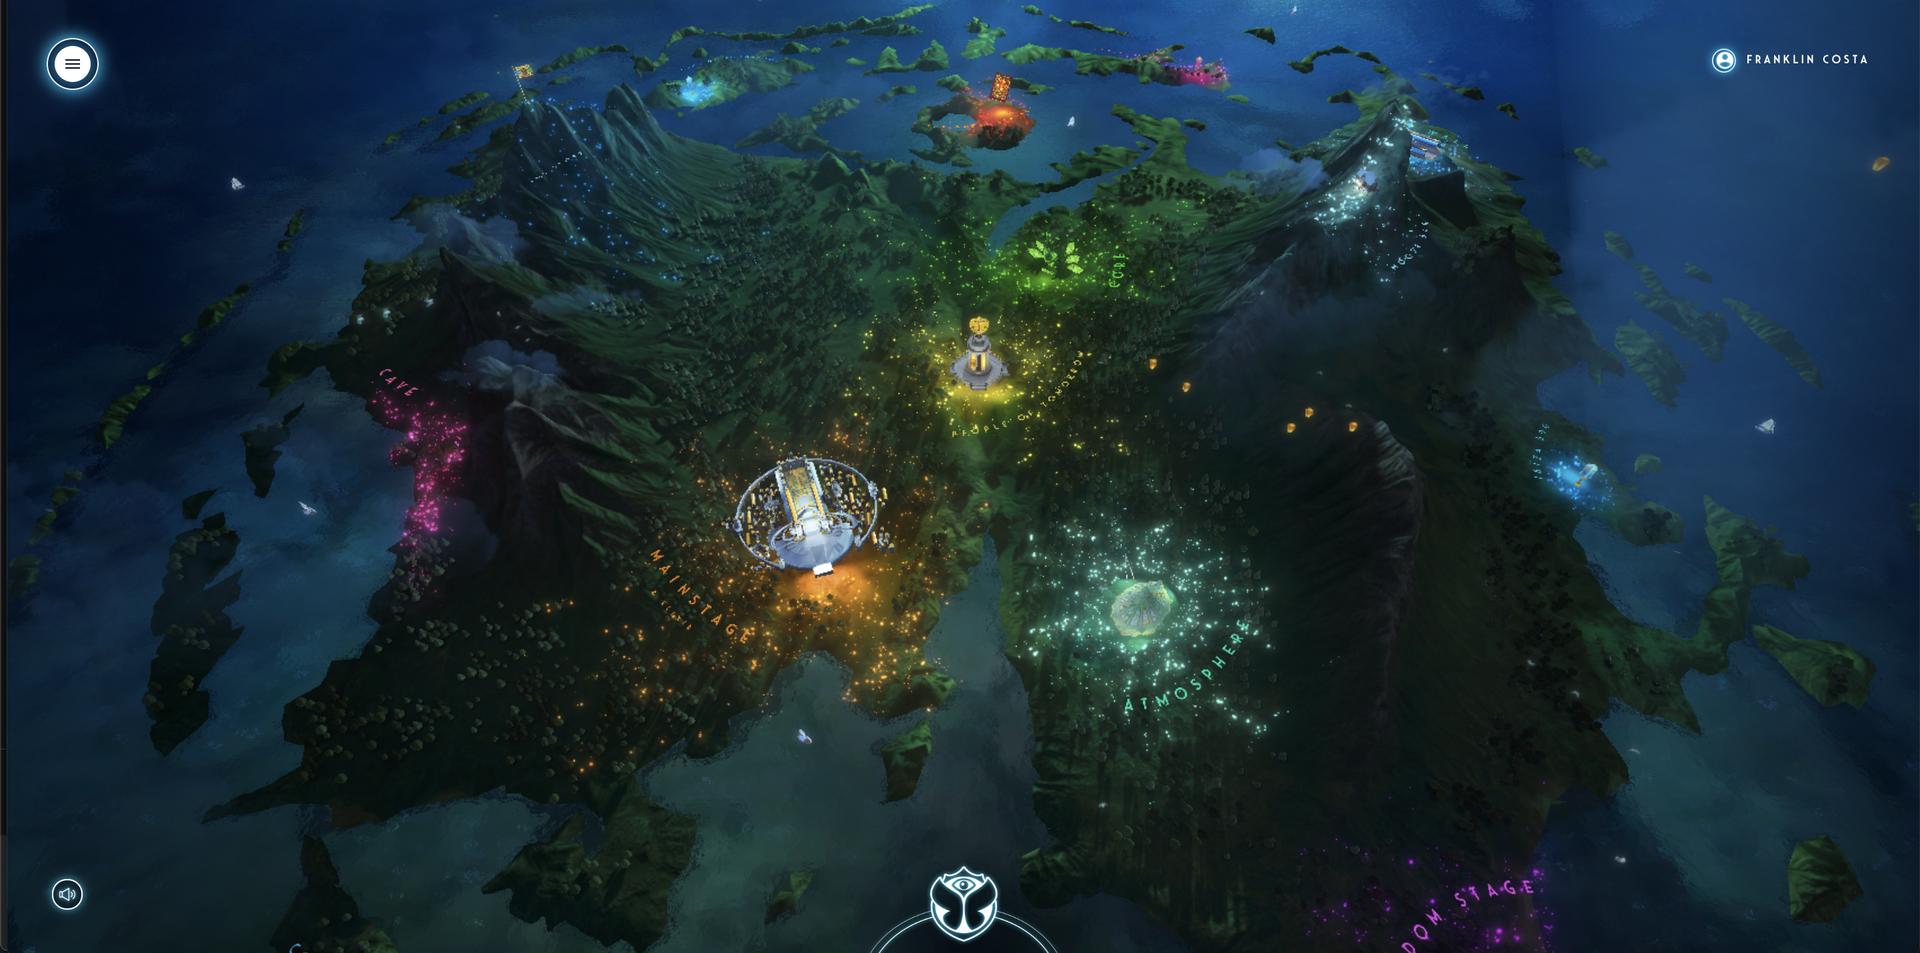 Pela noite, a ilha mágica do Tomorrowland era ainda mais bonita